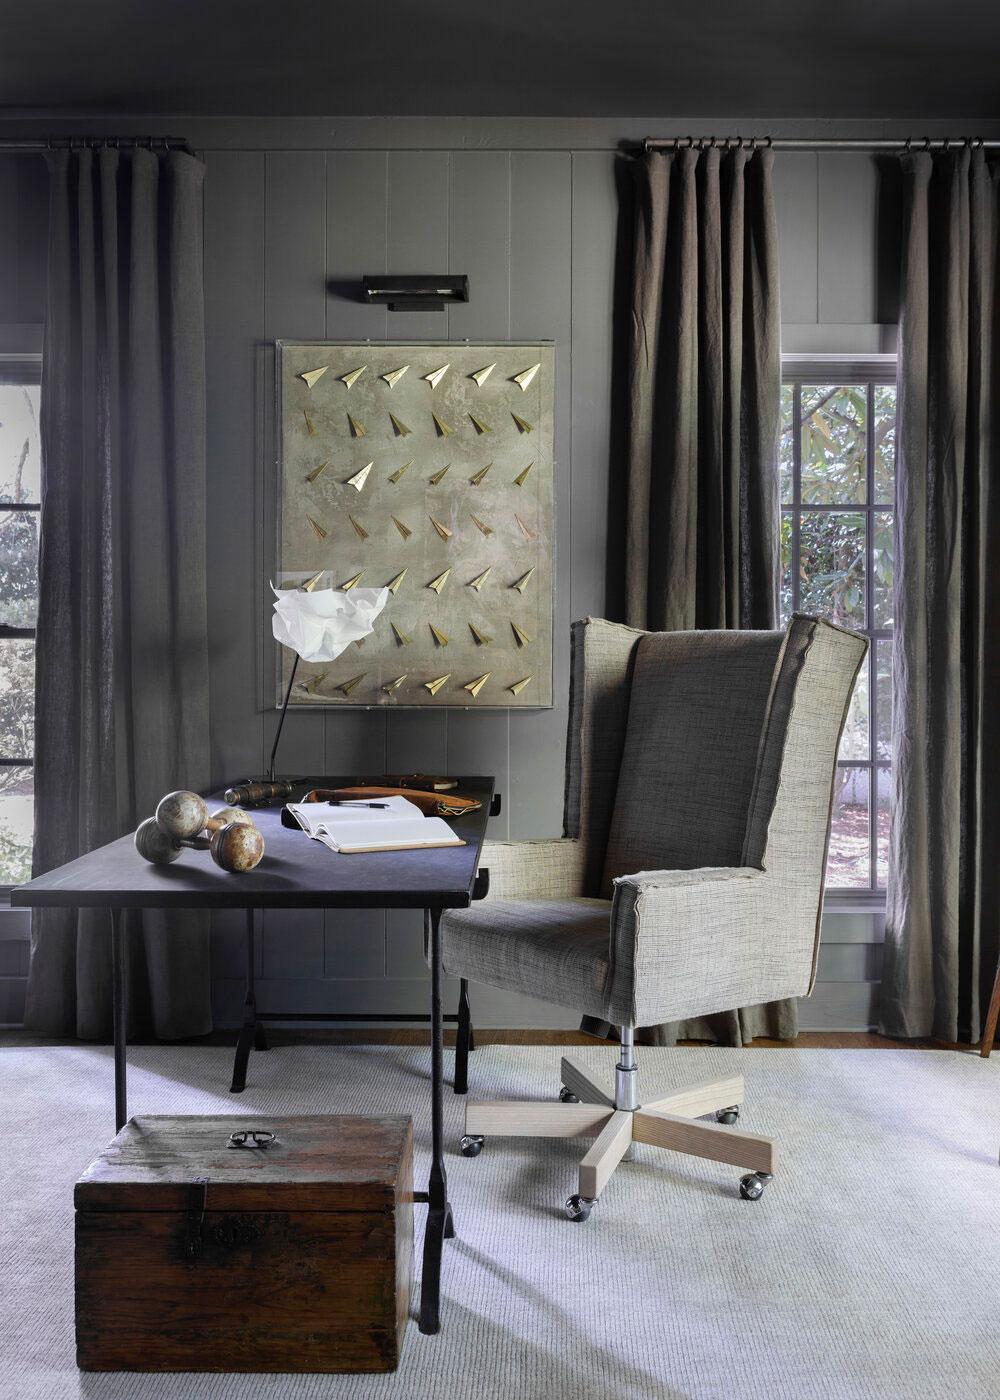 Брутальный, натуральный, элегантный: замечательный дизайн от Sean Anderson